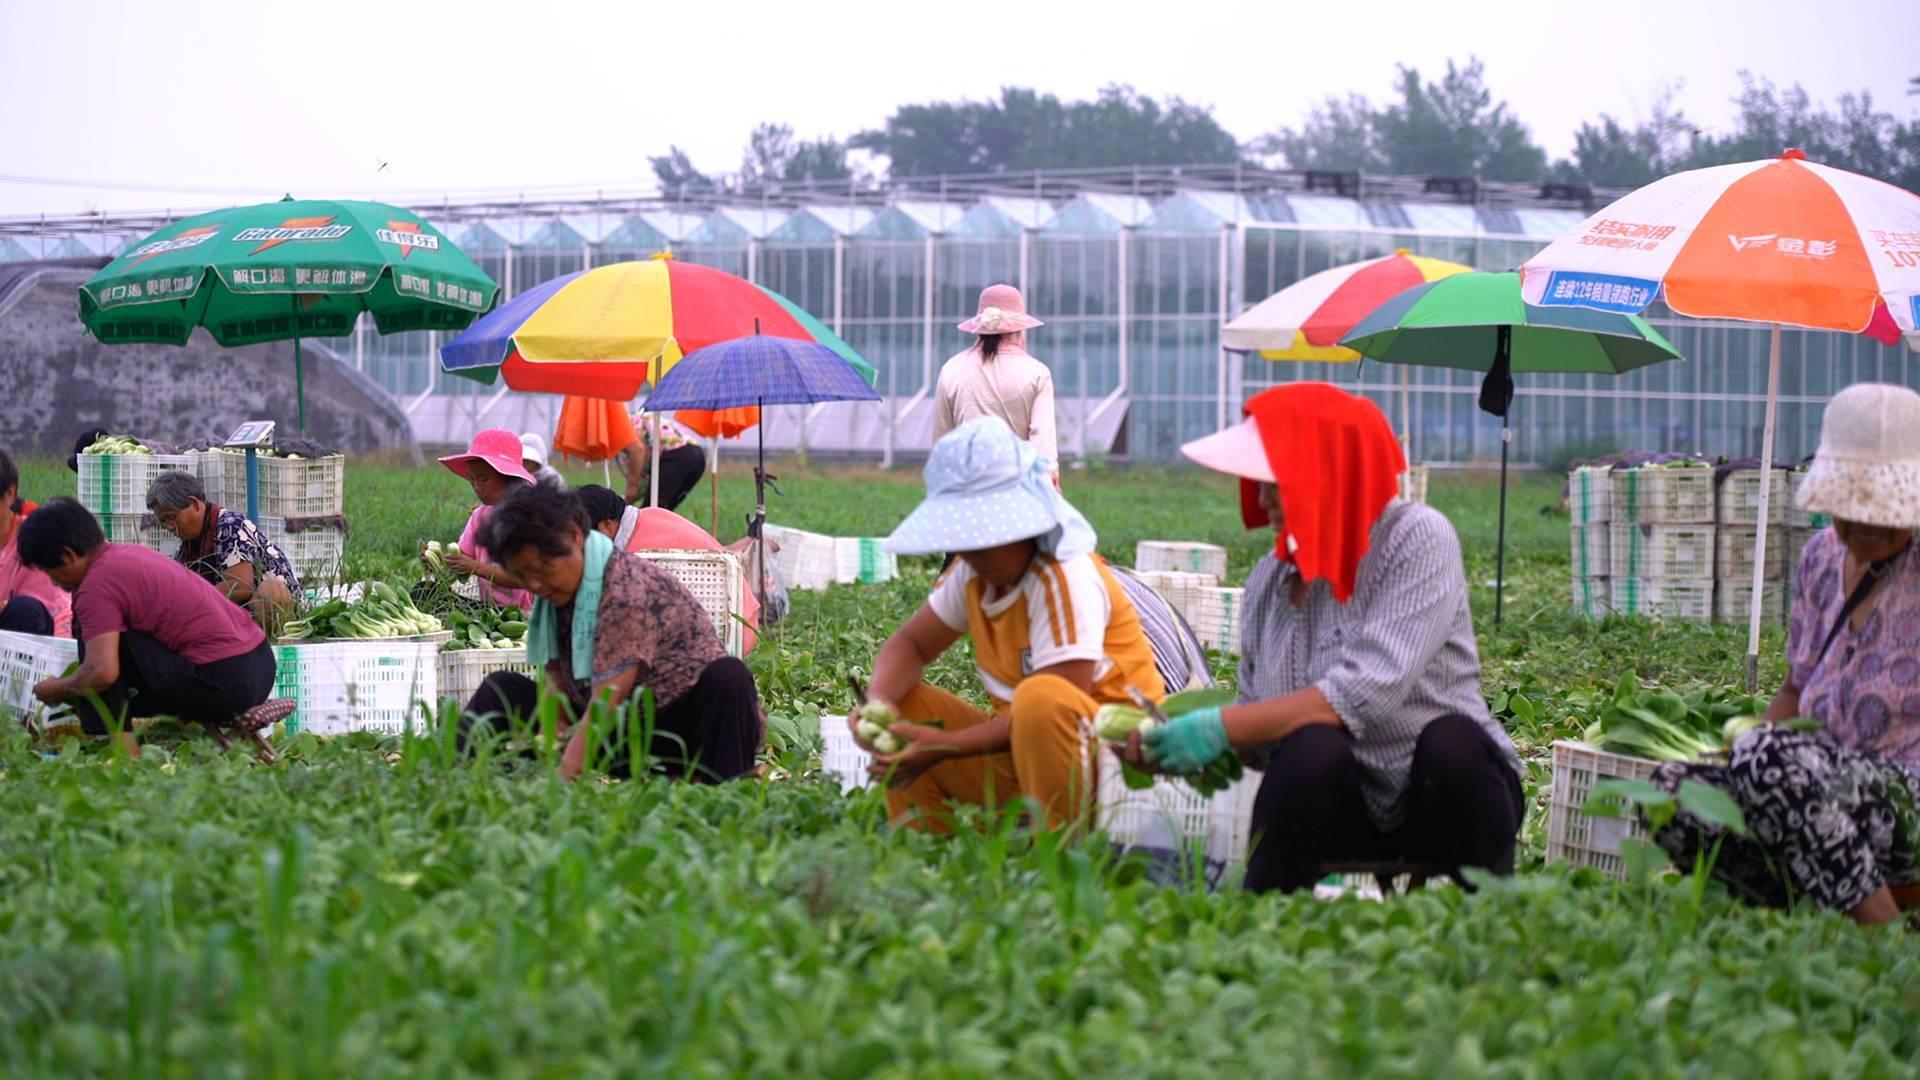 幸福的起点丨菏泽安庄村把小油菜卖到南方去,省外农民也来打工!